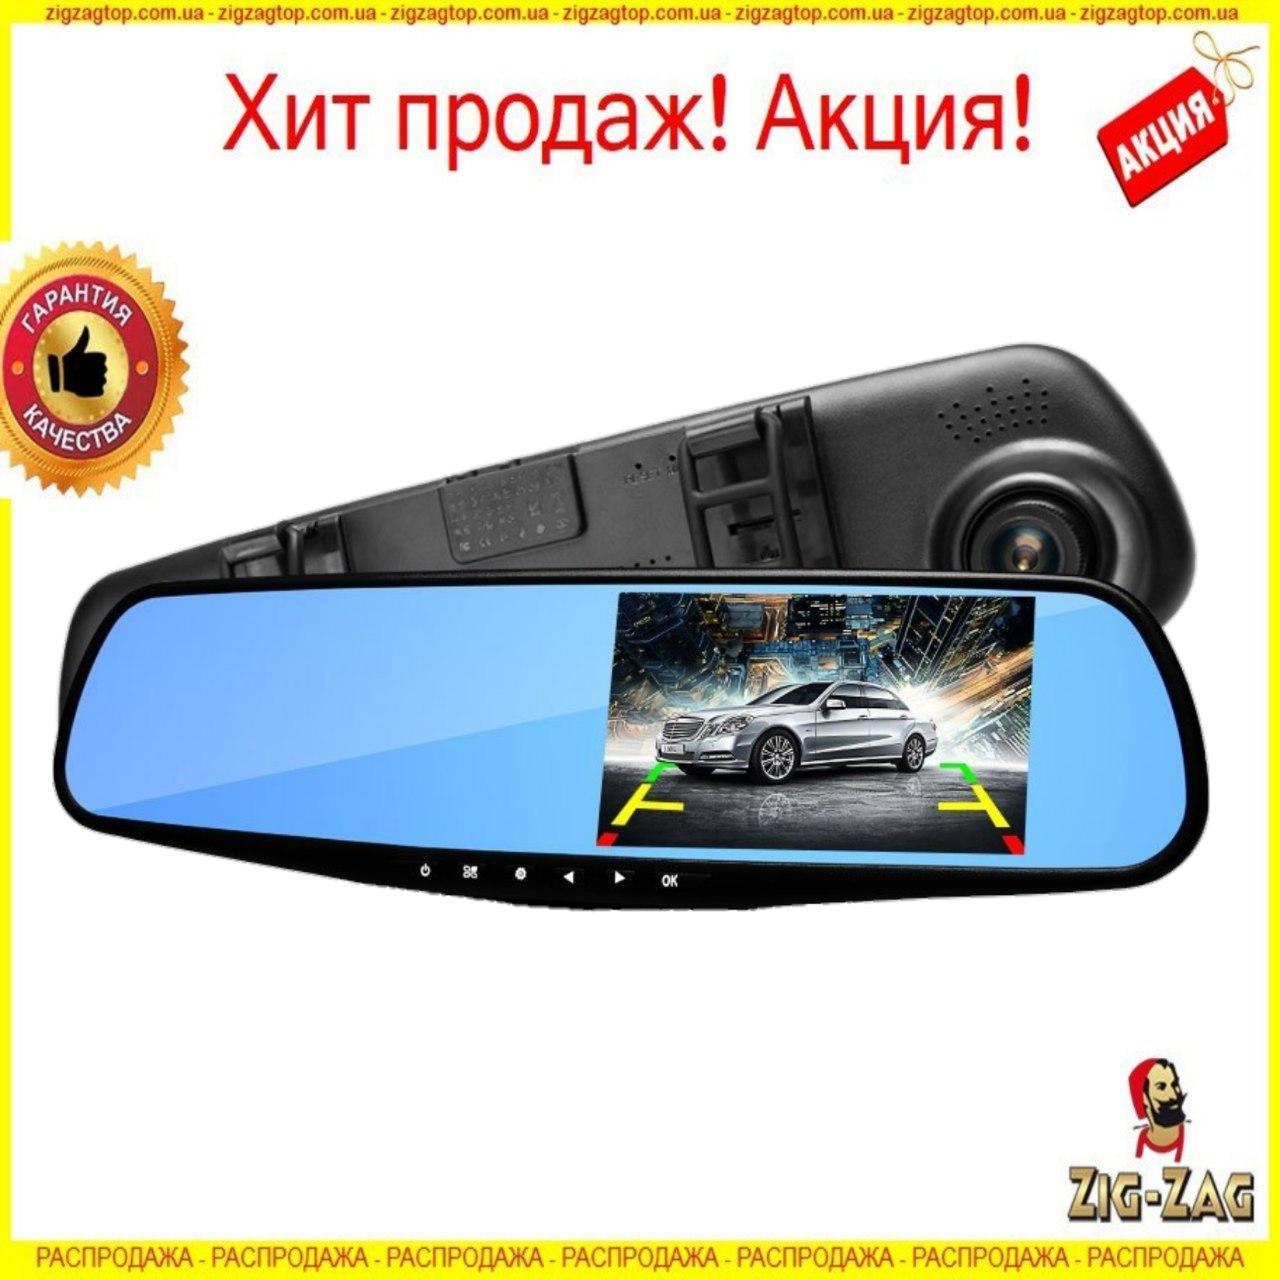 Автомобильное зеркалоор видеорегистрат для машины Авторегистратор DVR 138E 1080р Угол 170° Регистратор NEW!